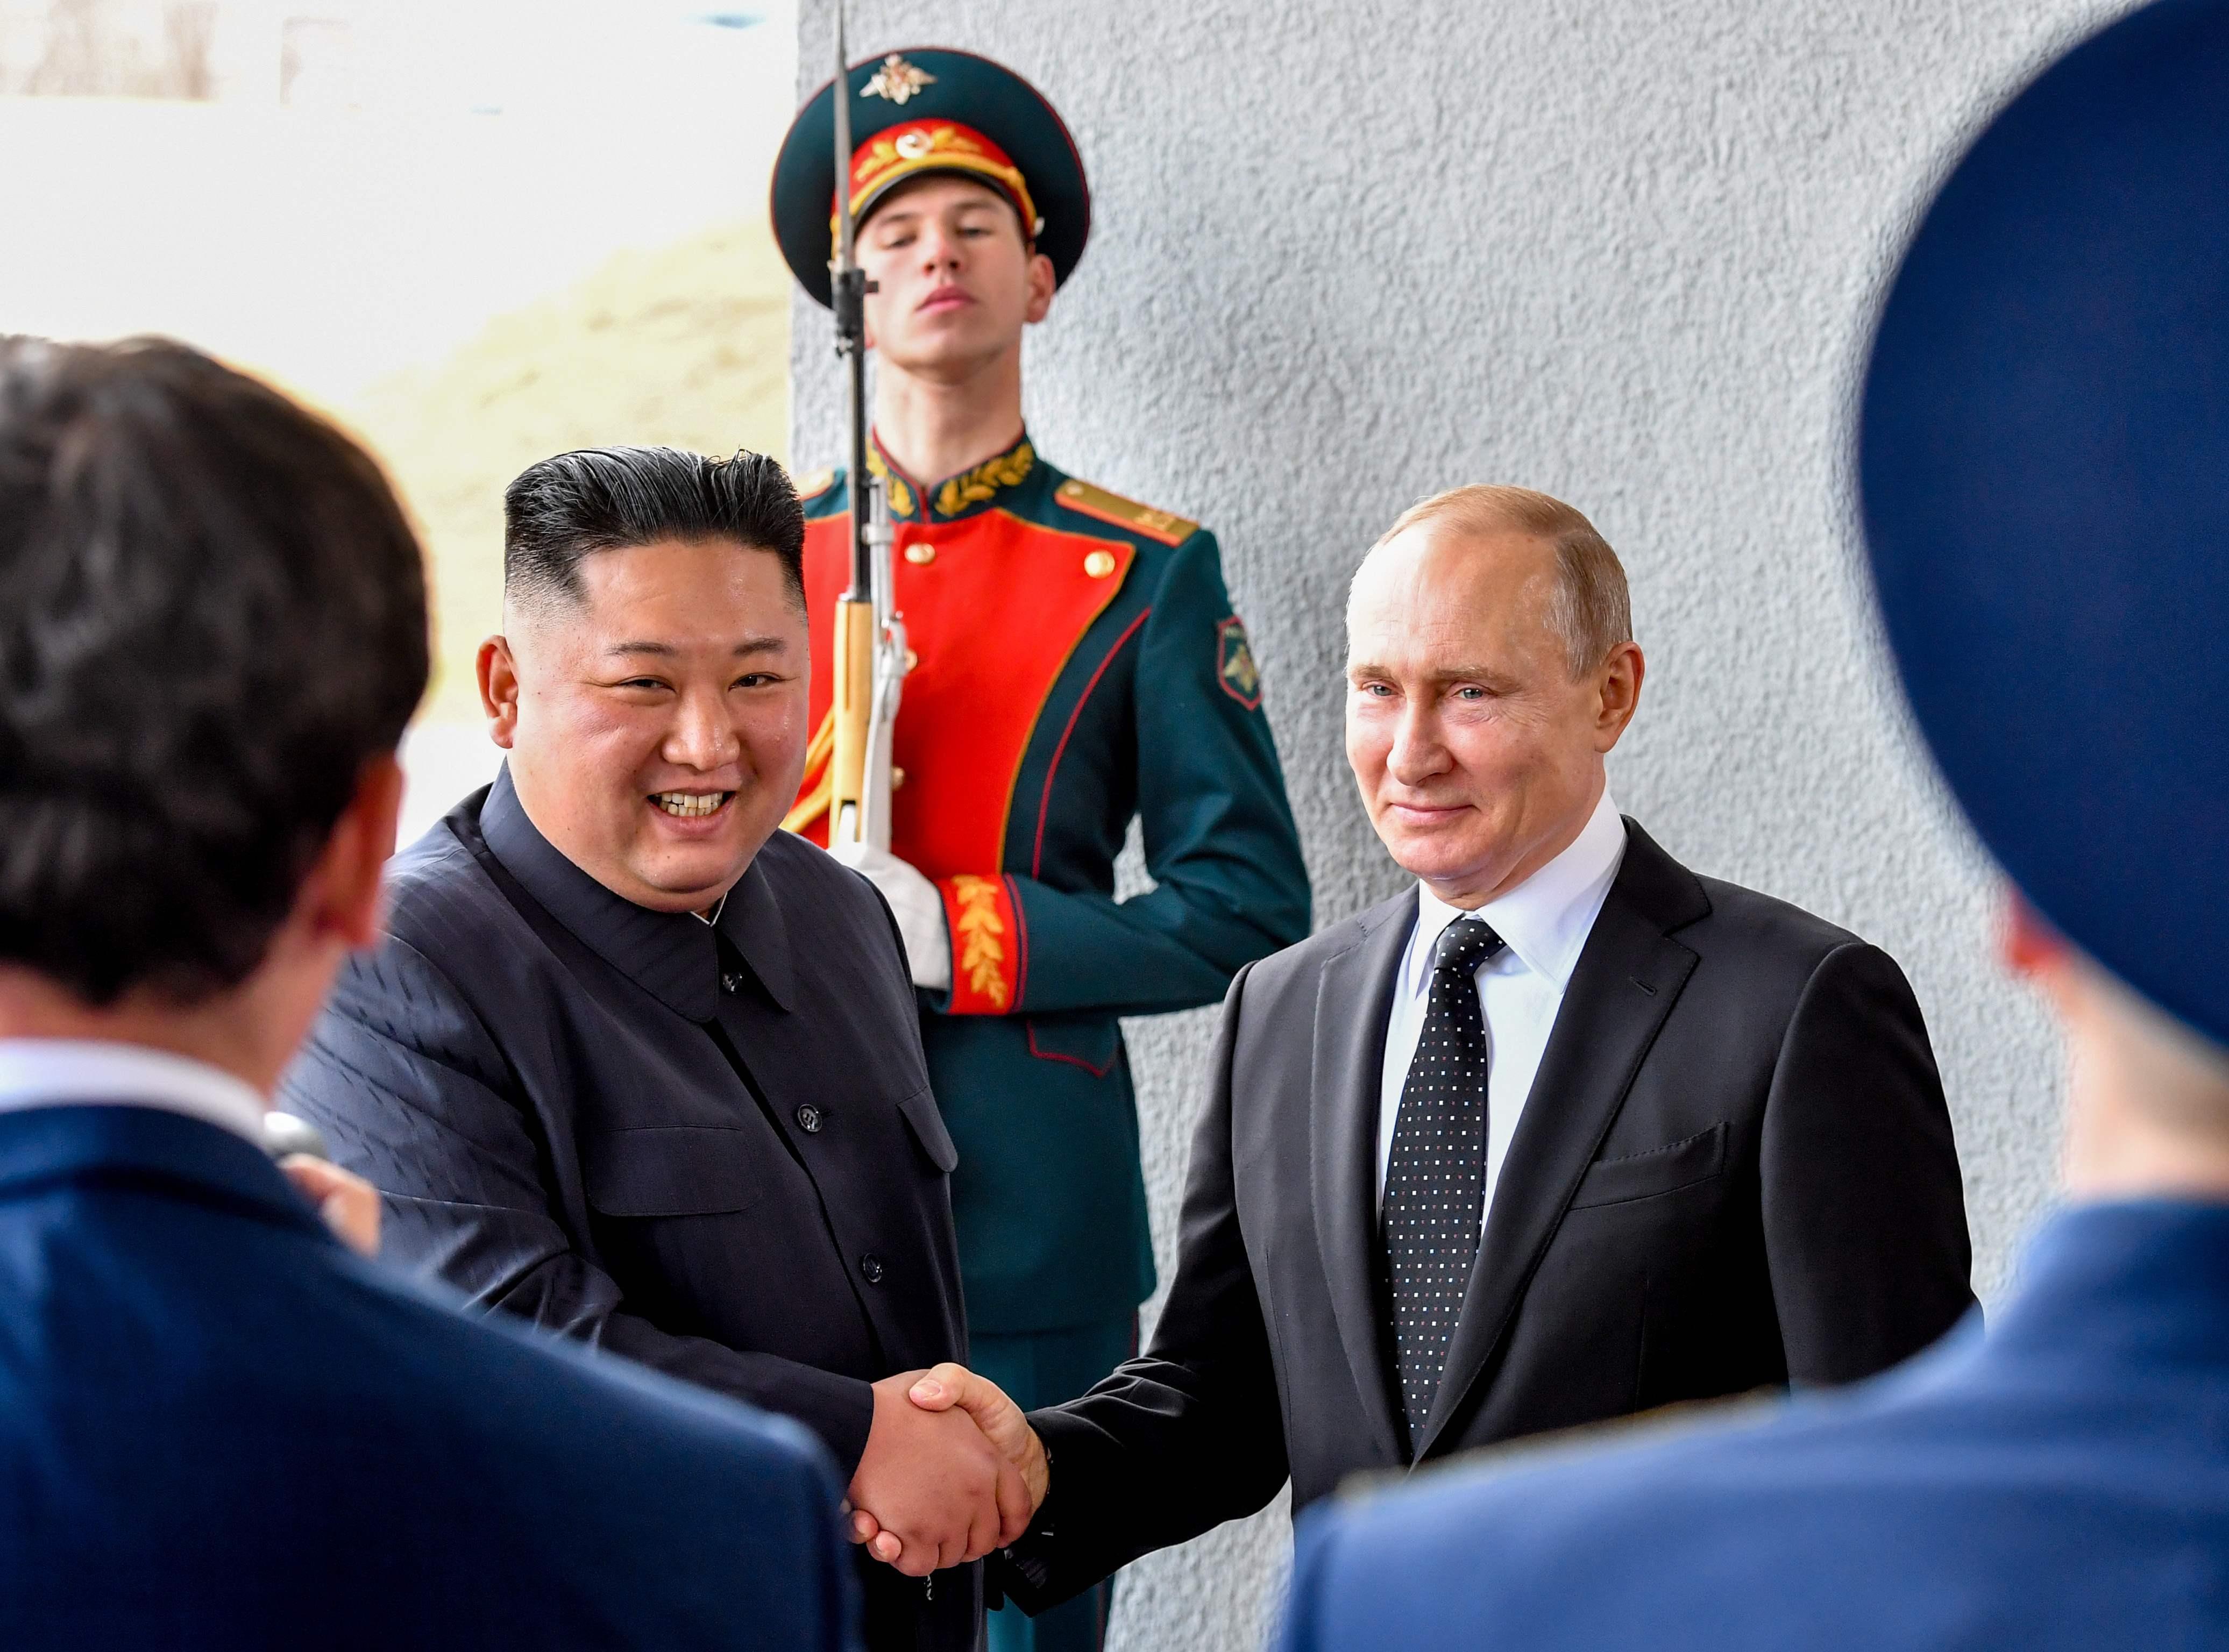 Histórico apretón de manos entre el líder norcoreano y el presidente ruso. (Foto Prensa Libre: AFP)